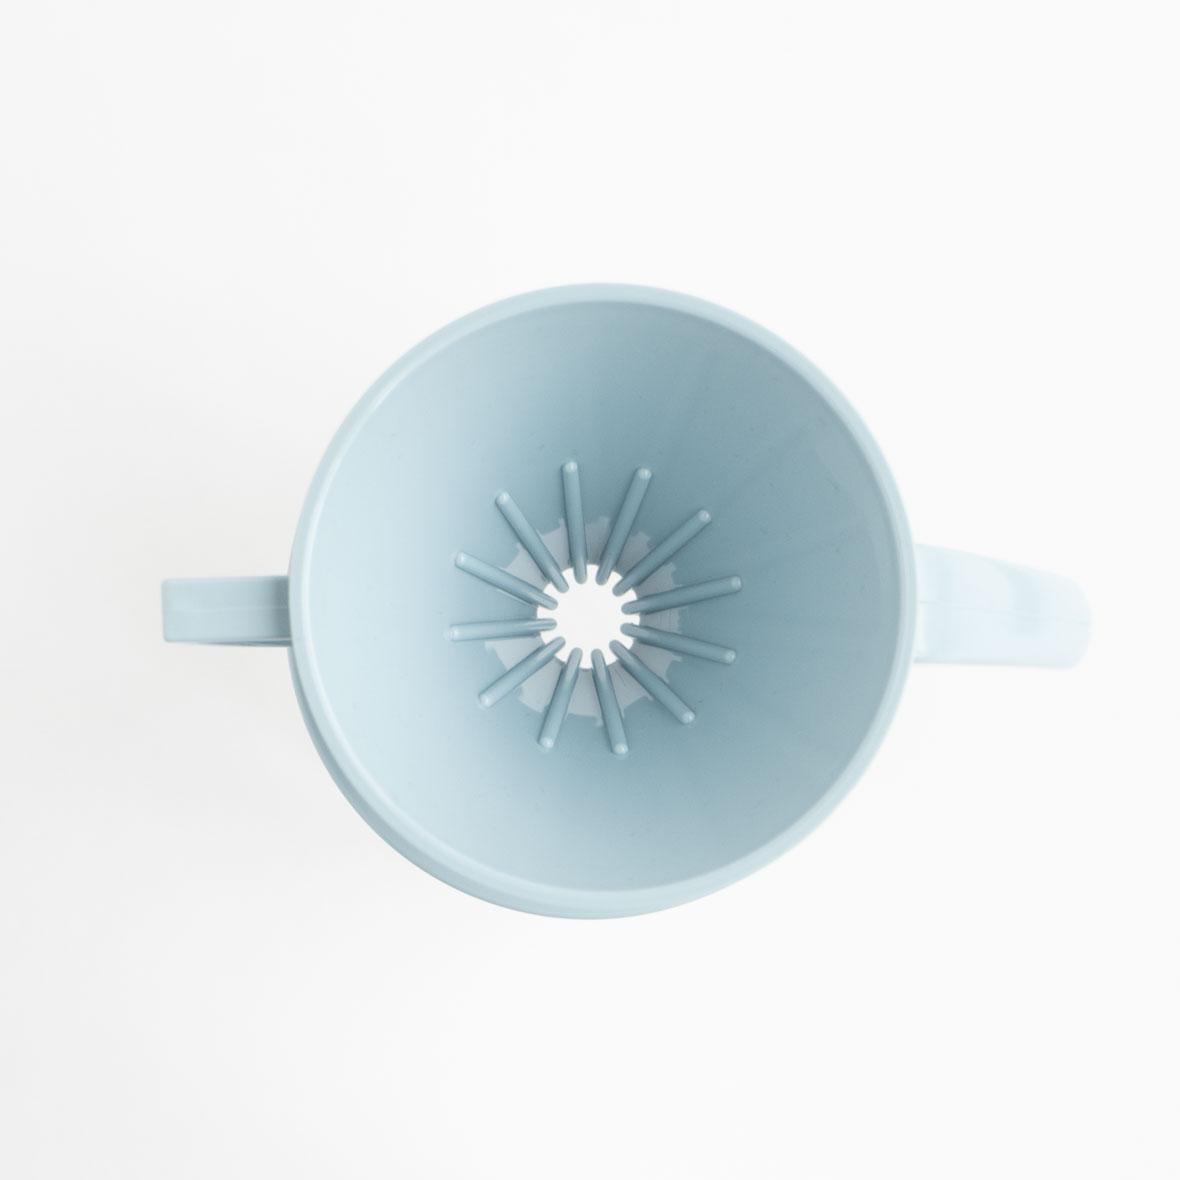 【TK】(Y)【2021年9月下旬以降順次出荷予定】KONO式コーヒードリッパーセット(海と空のブルー)